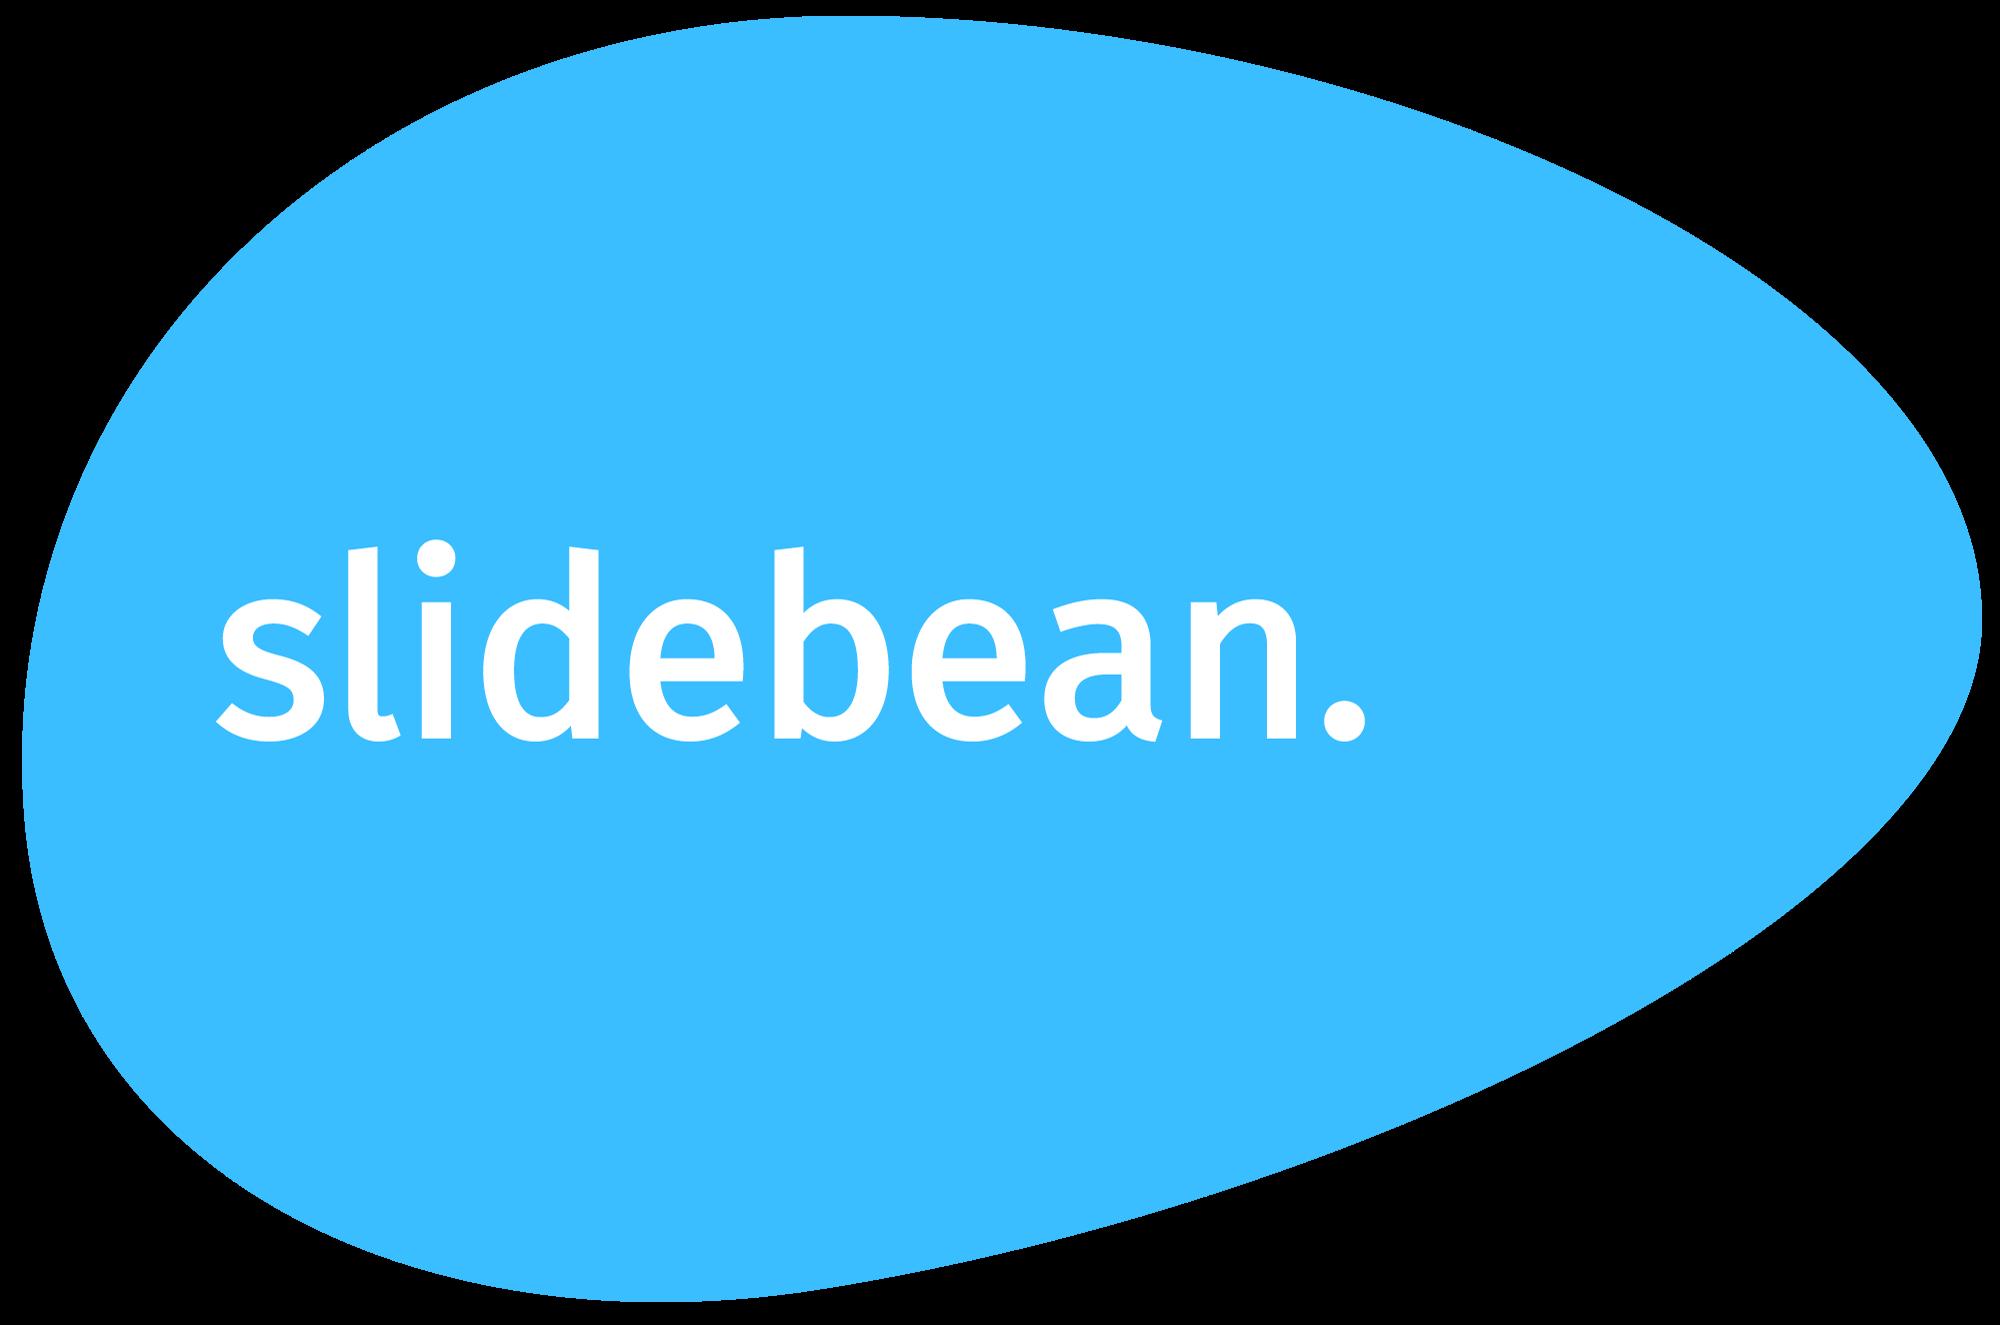 Slidebean logo